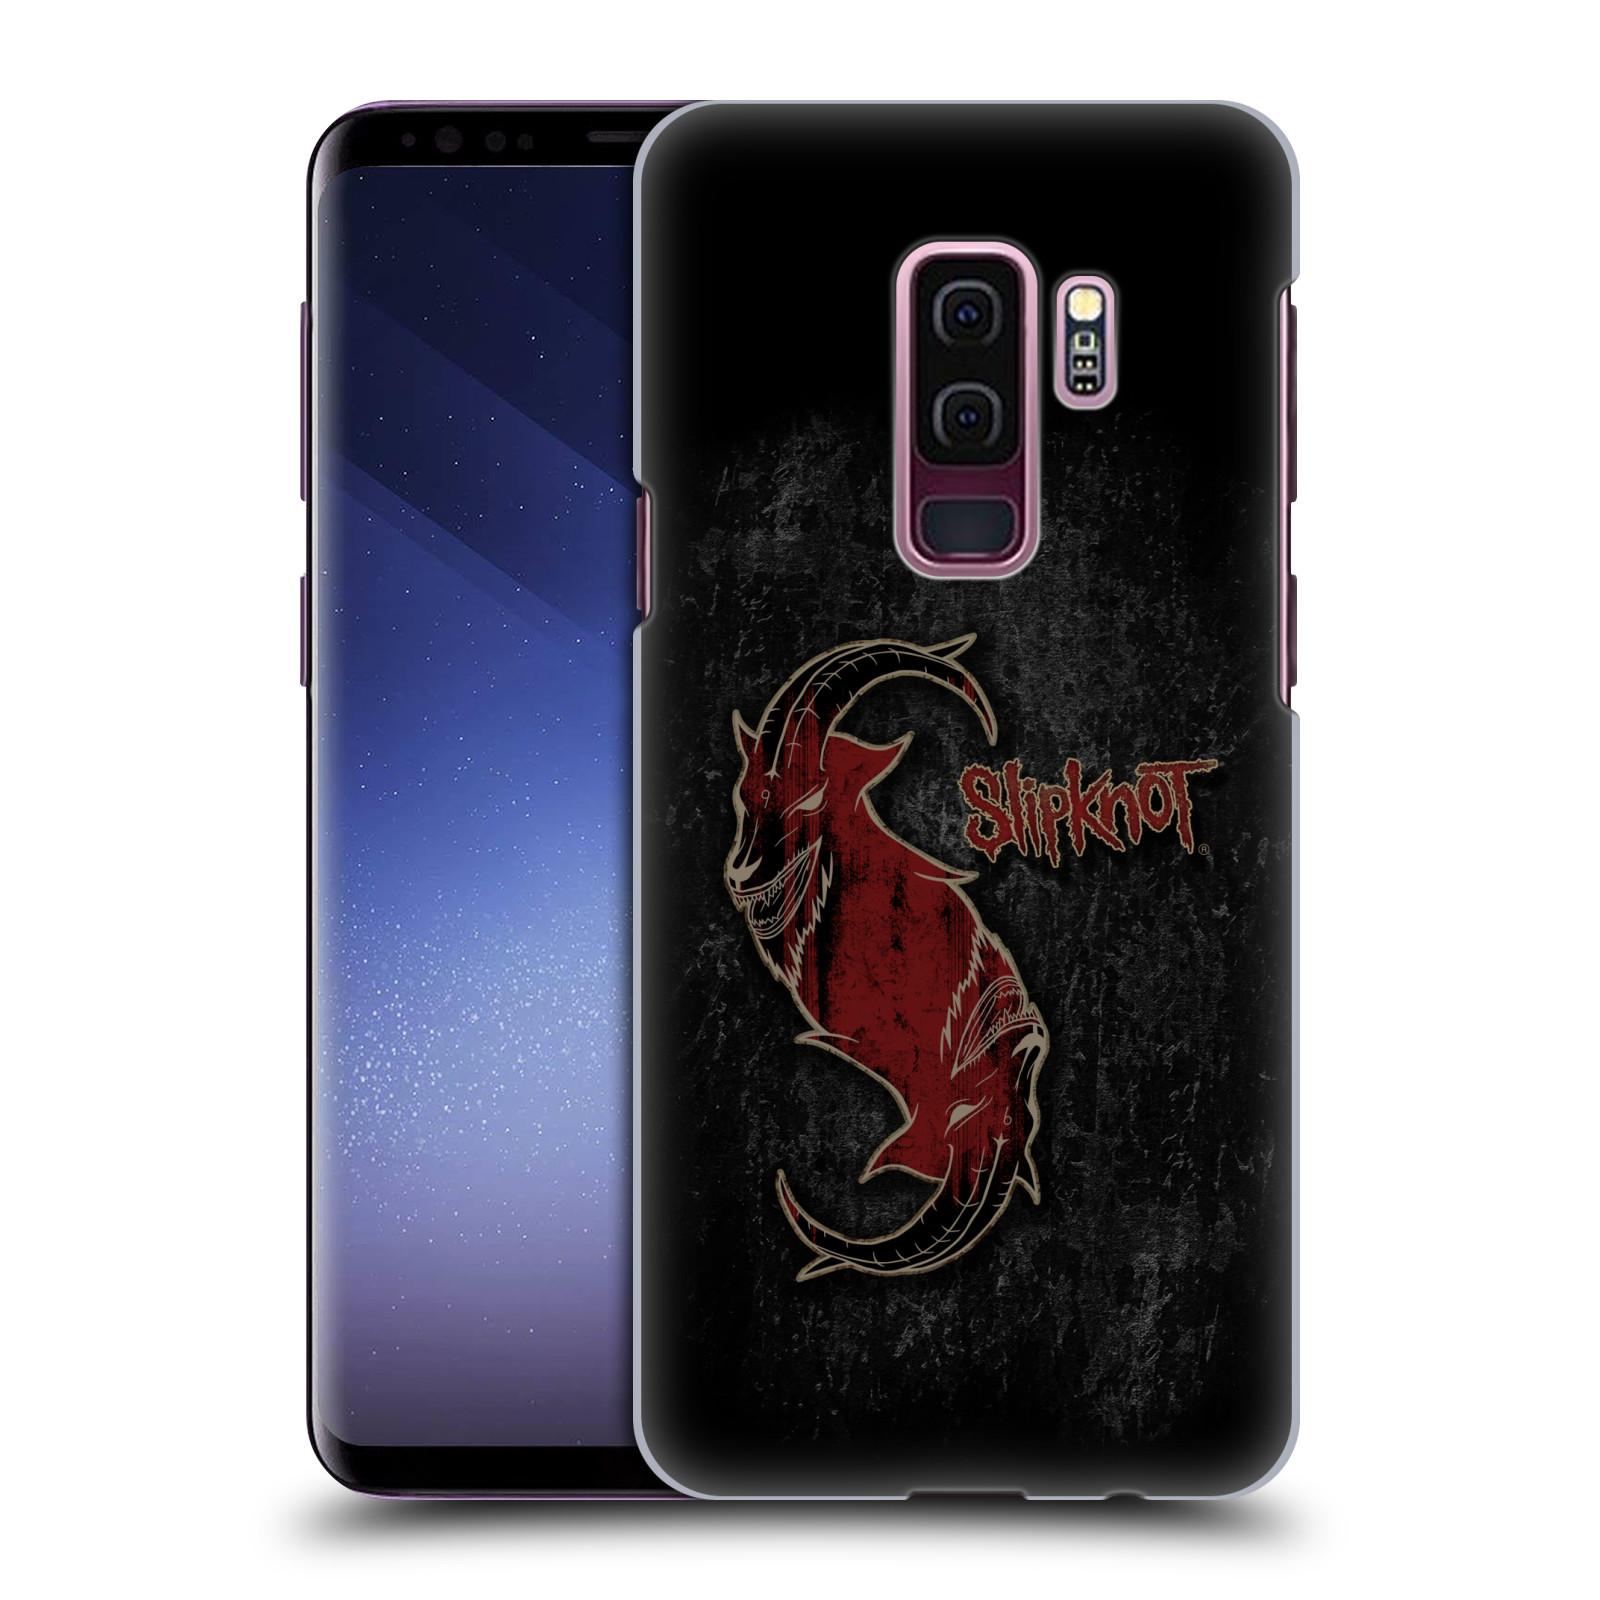 Plastové pouzdro na mobil Samsung Galaxy S9 Plus - Head Case - Slipknot - Rudý kozel